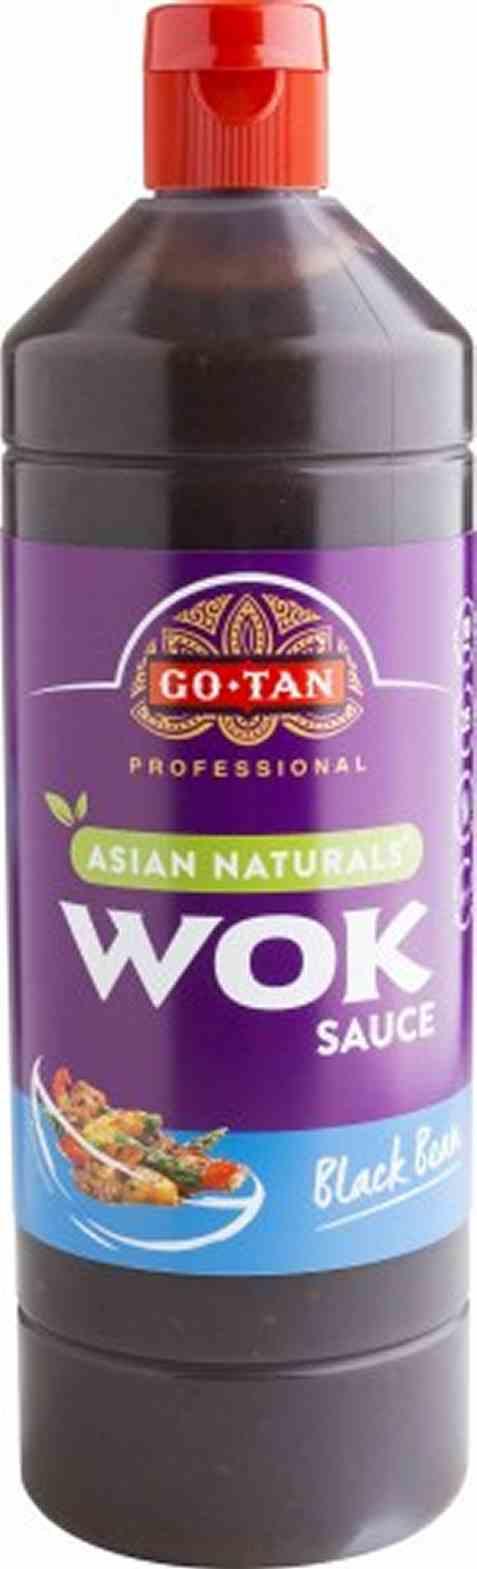 Bilde av Go-Tan Asian Naturals Woksaus black bean 1 liter.